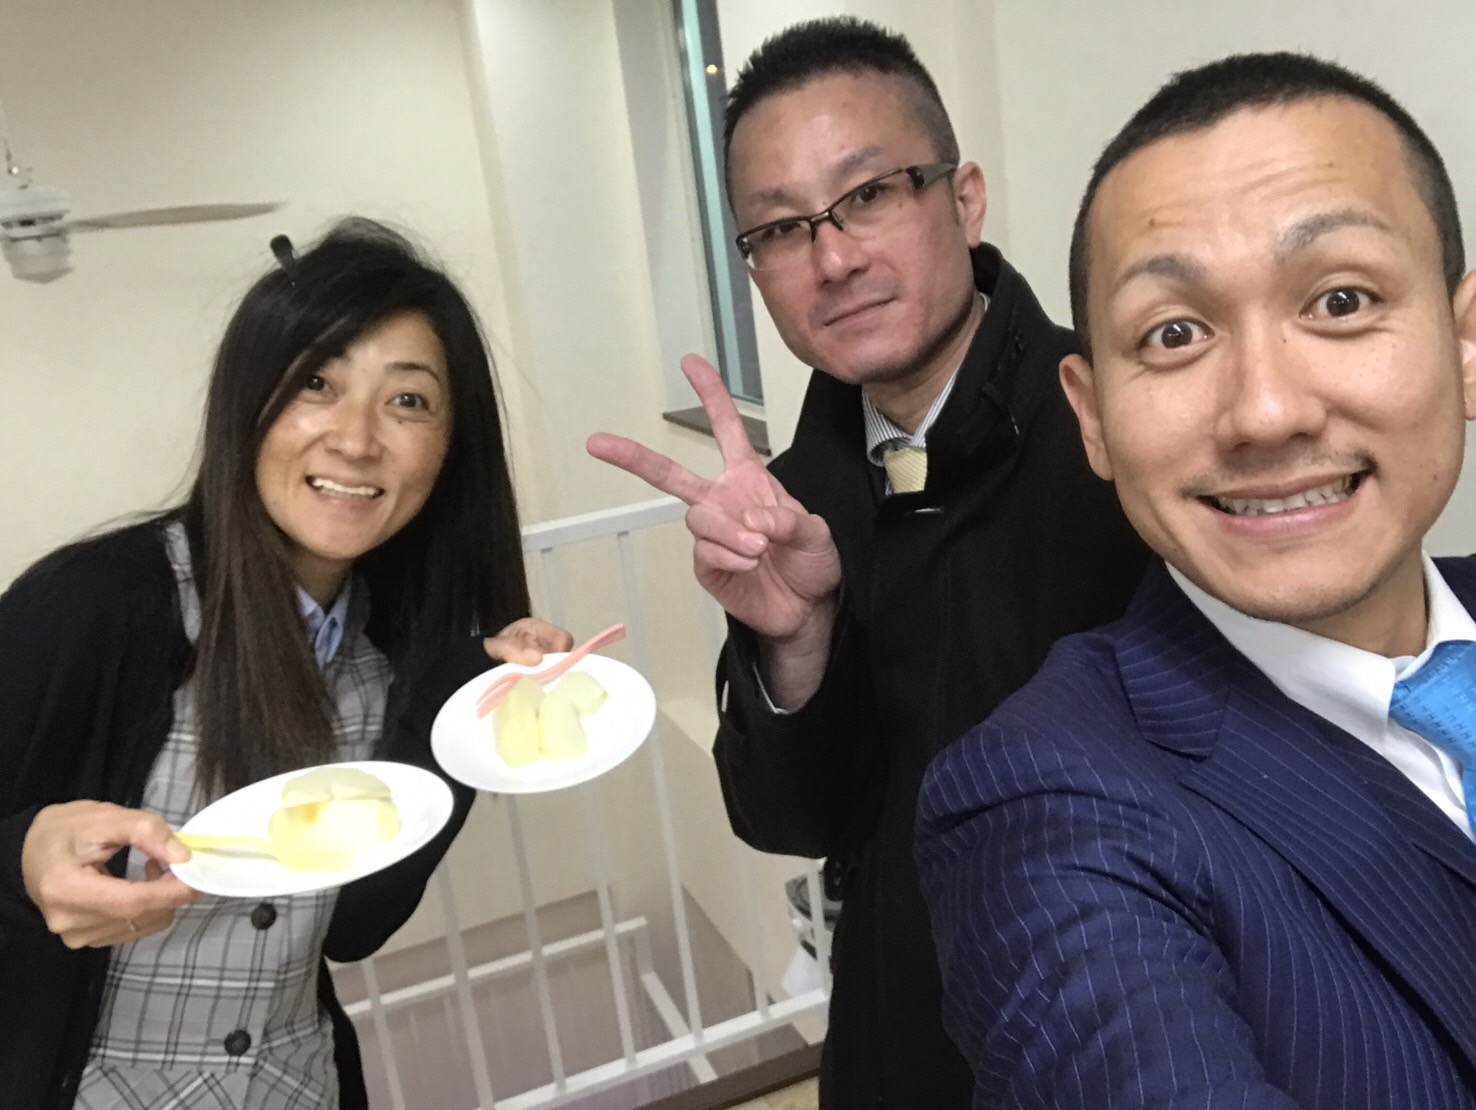 11月30日水曜日のひとログ(。・ω・。) 植東さん卒業!!!今までありがとうございました!_b0127002_18552310.jpg